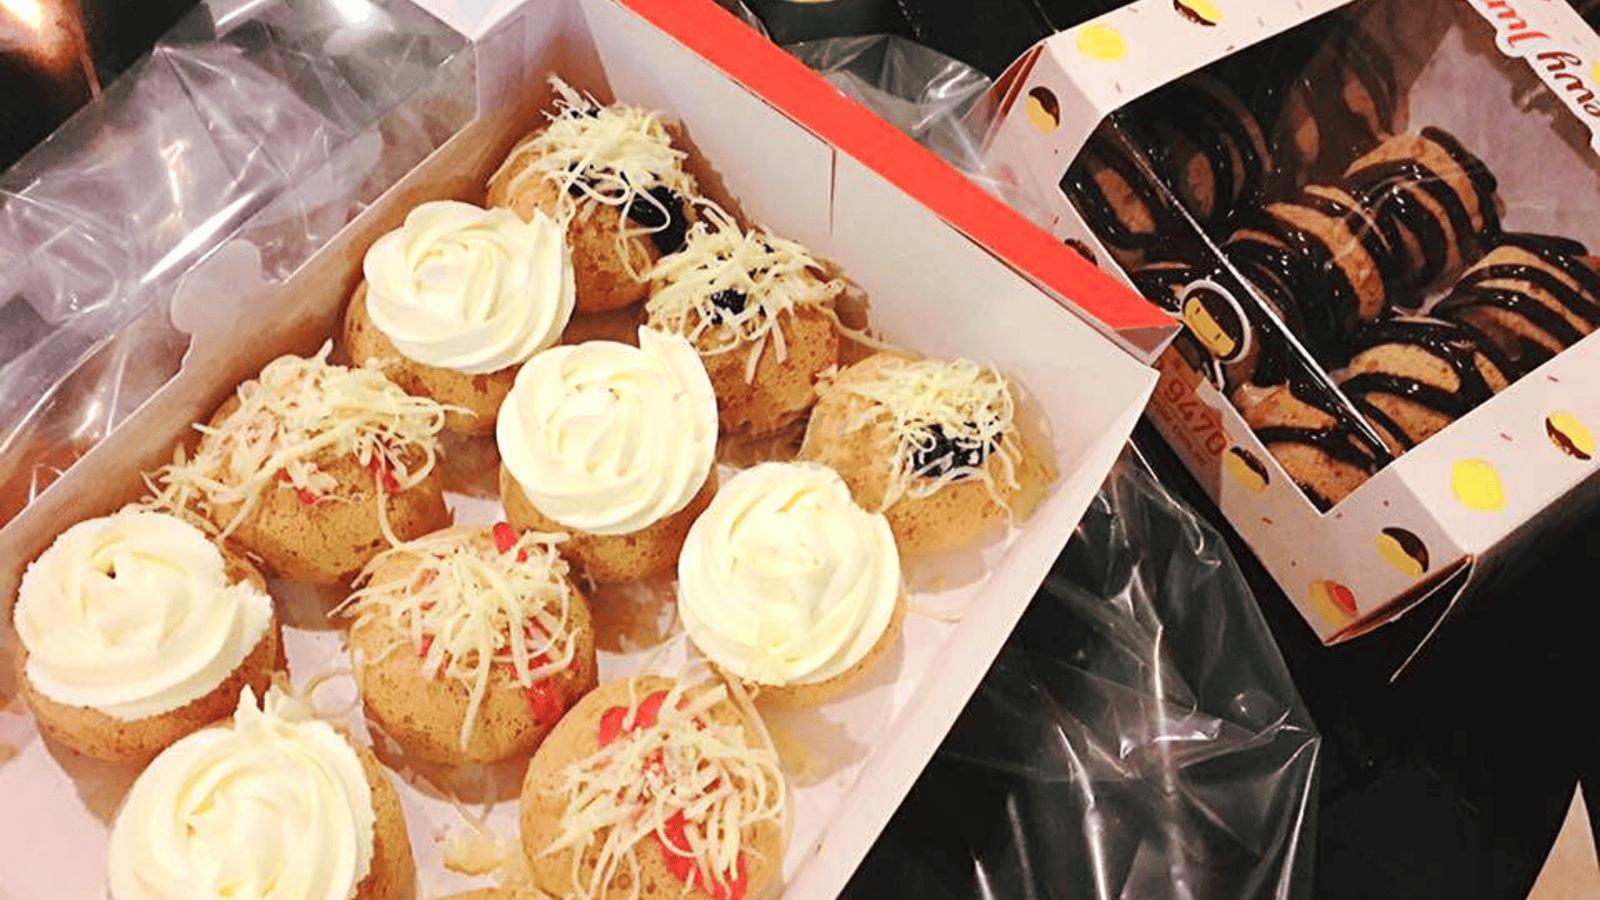 Bánh được đóng gói trong các hộp giấy đẹp mắt